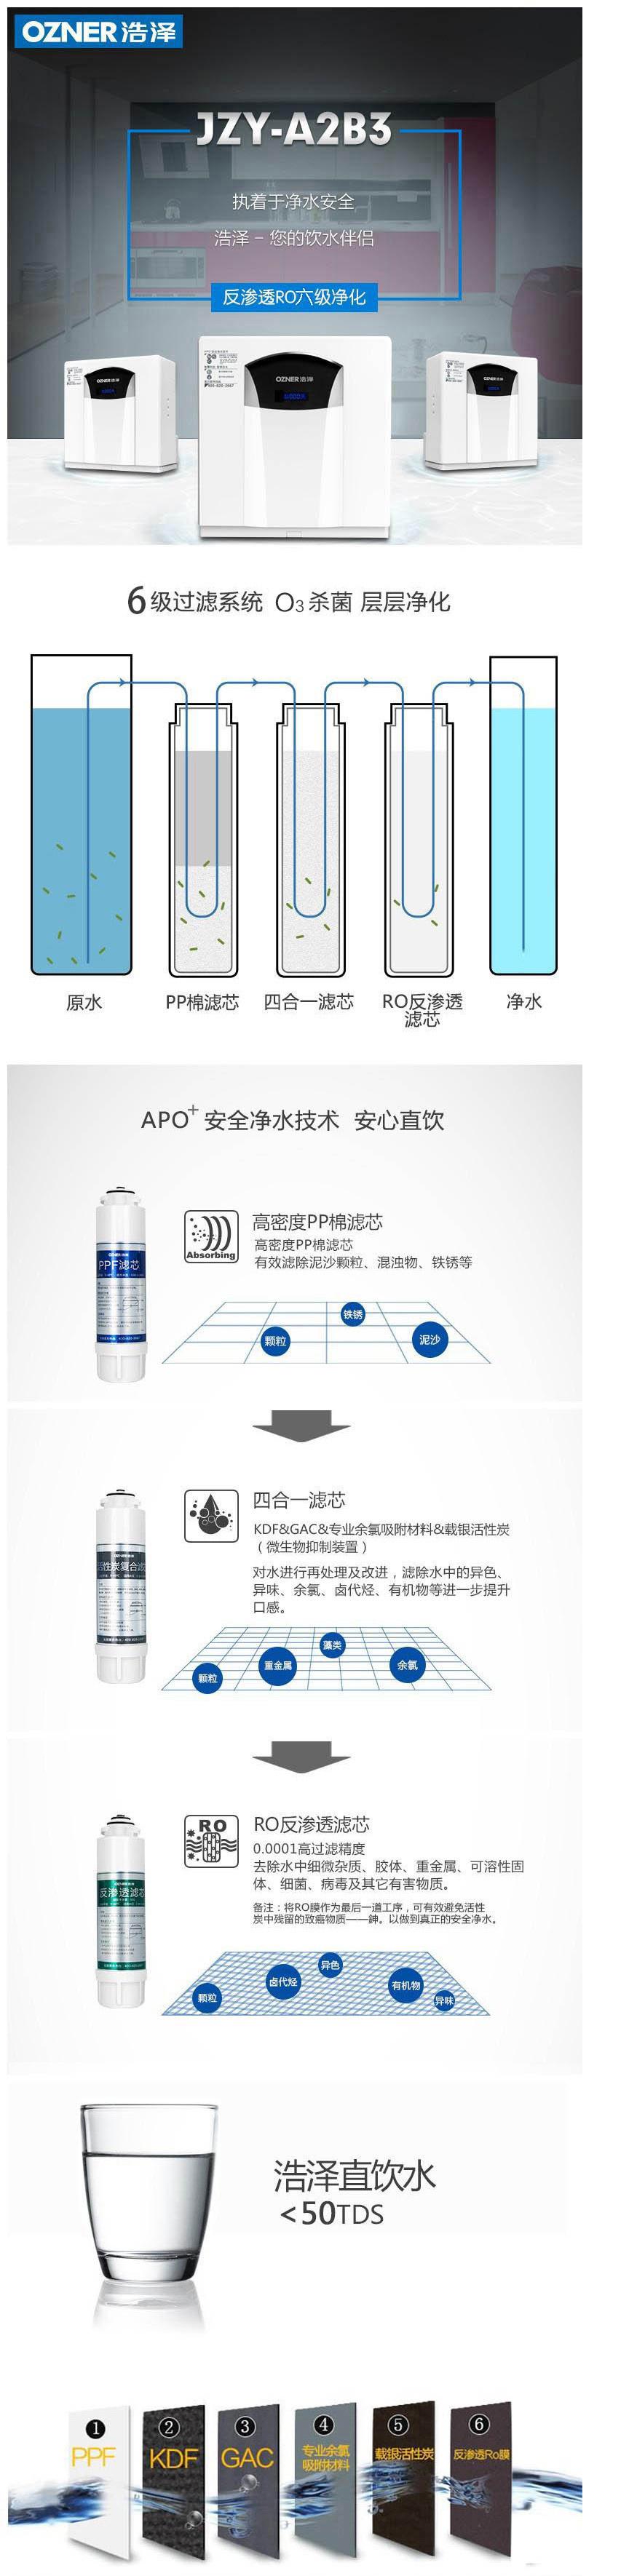 净水器JZY-A2B3-X(X1)型家用直饮机功能图片